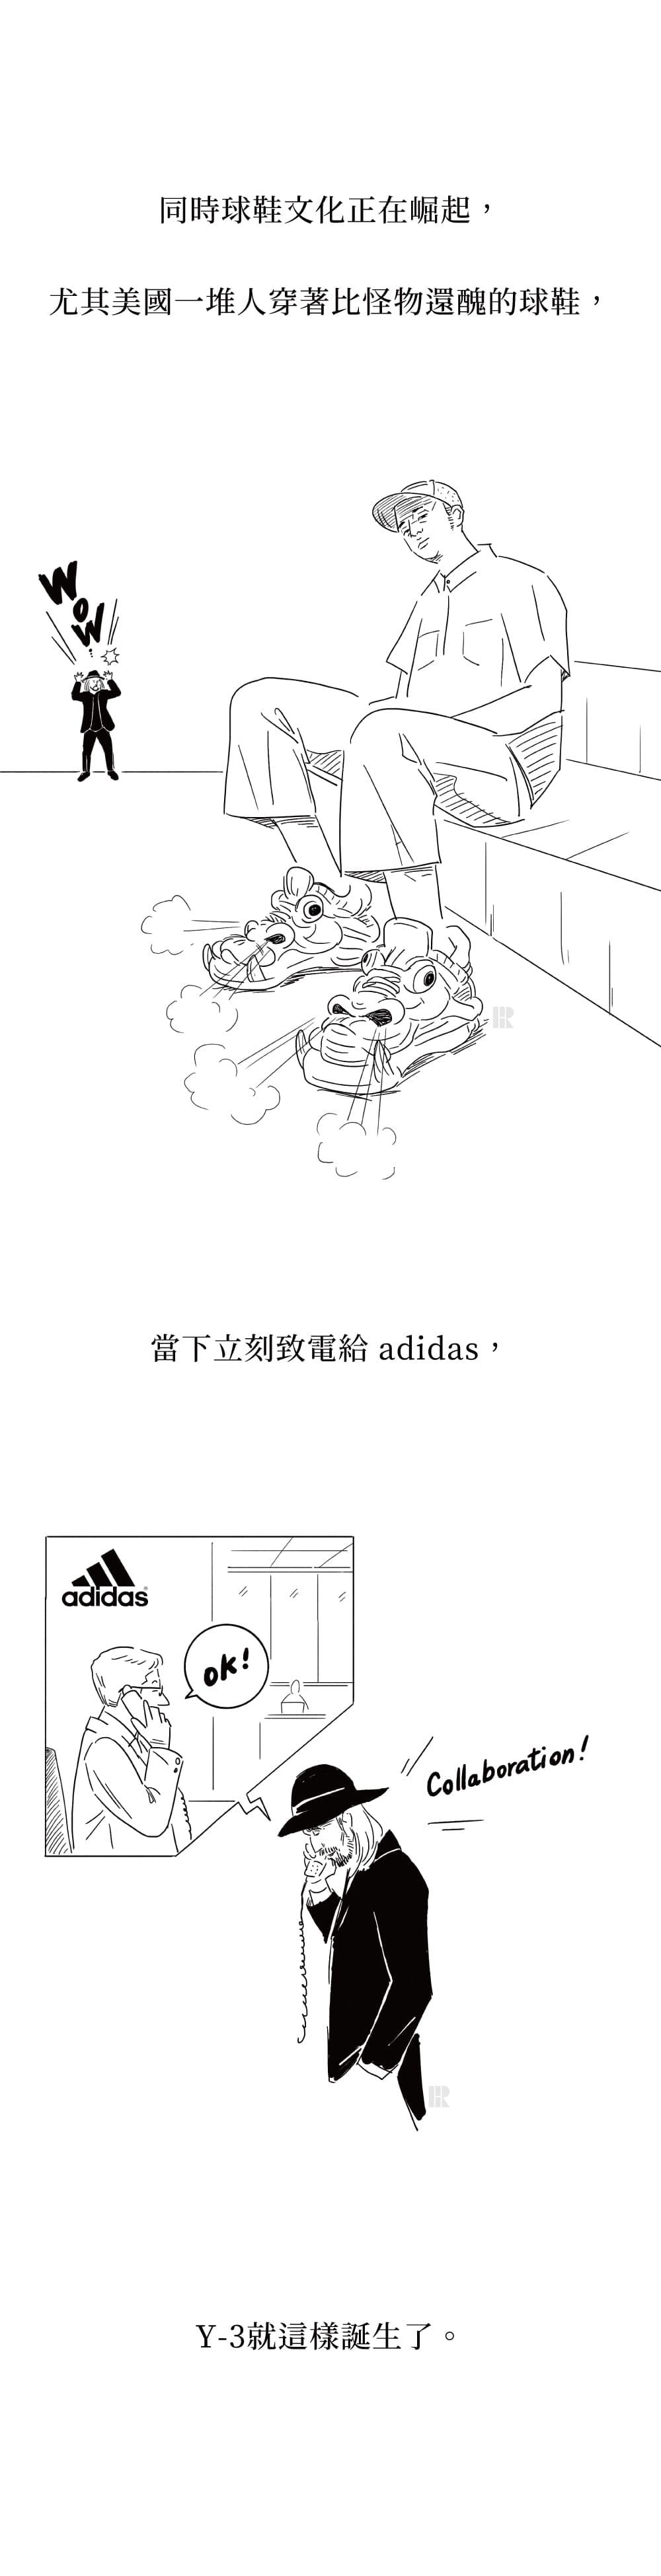 因球鞋文化正崛起,山本耀司嗅到商機,便打電話給adidas尋求合作